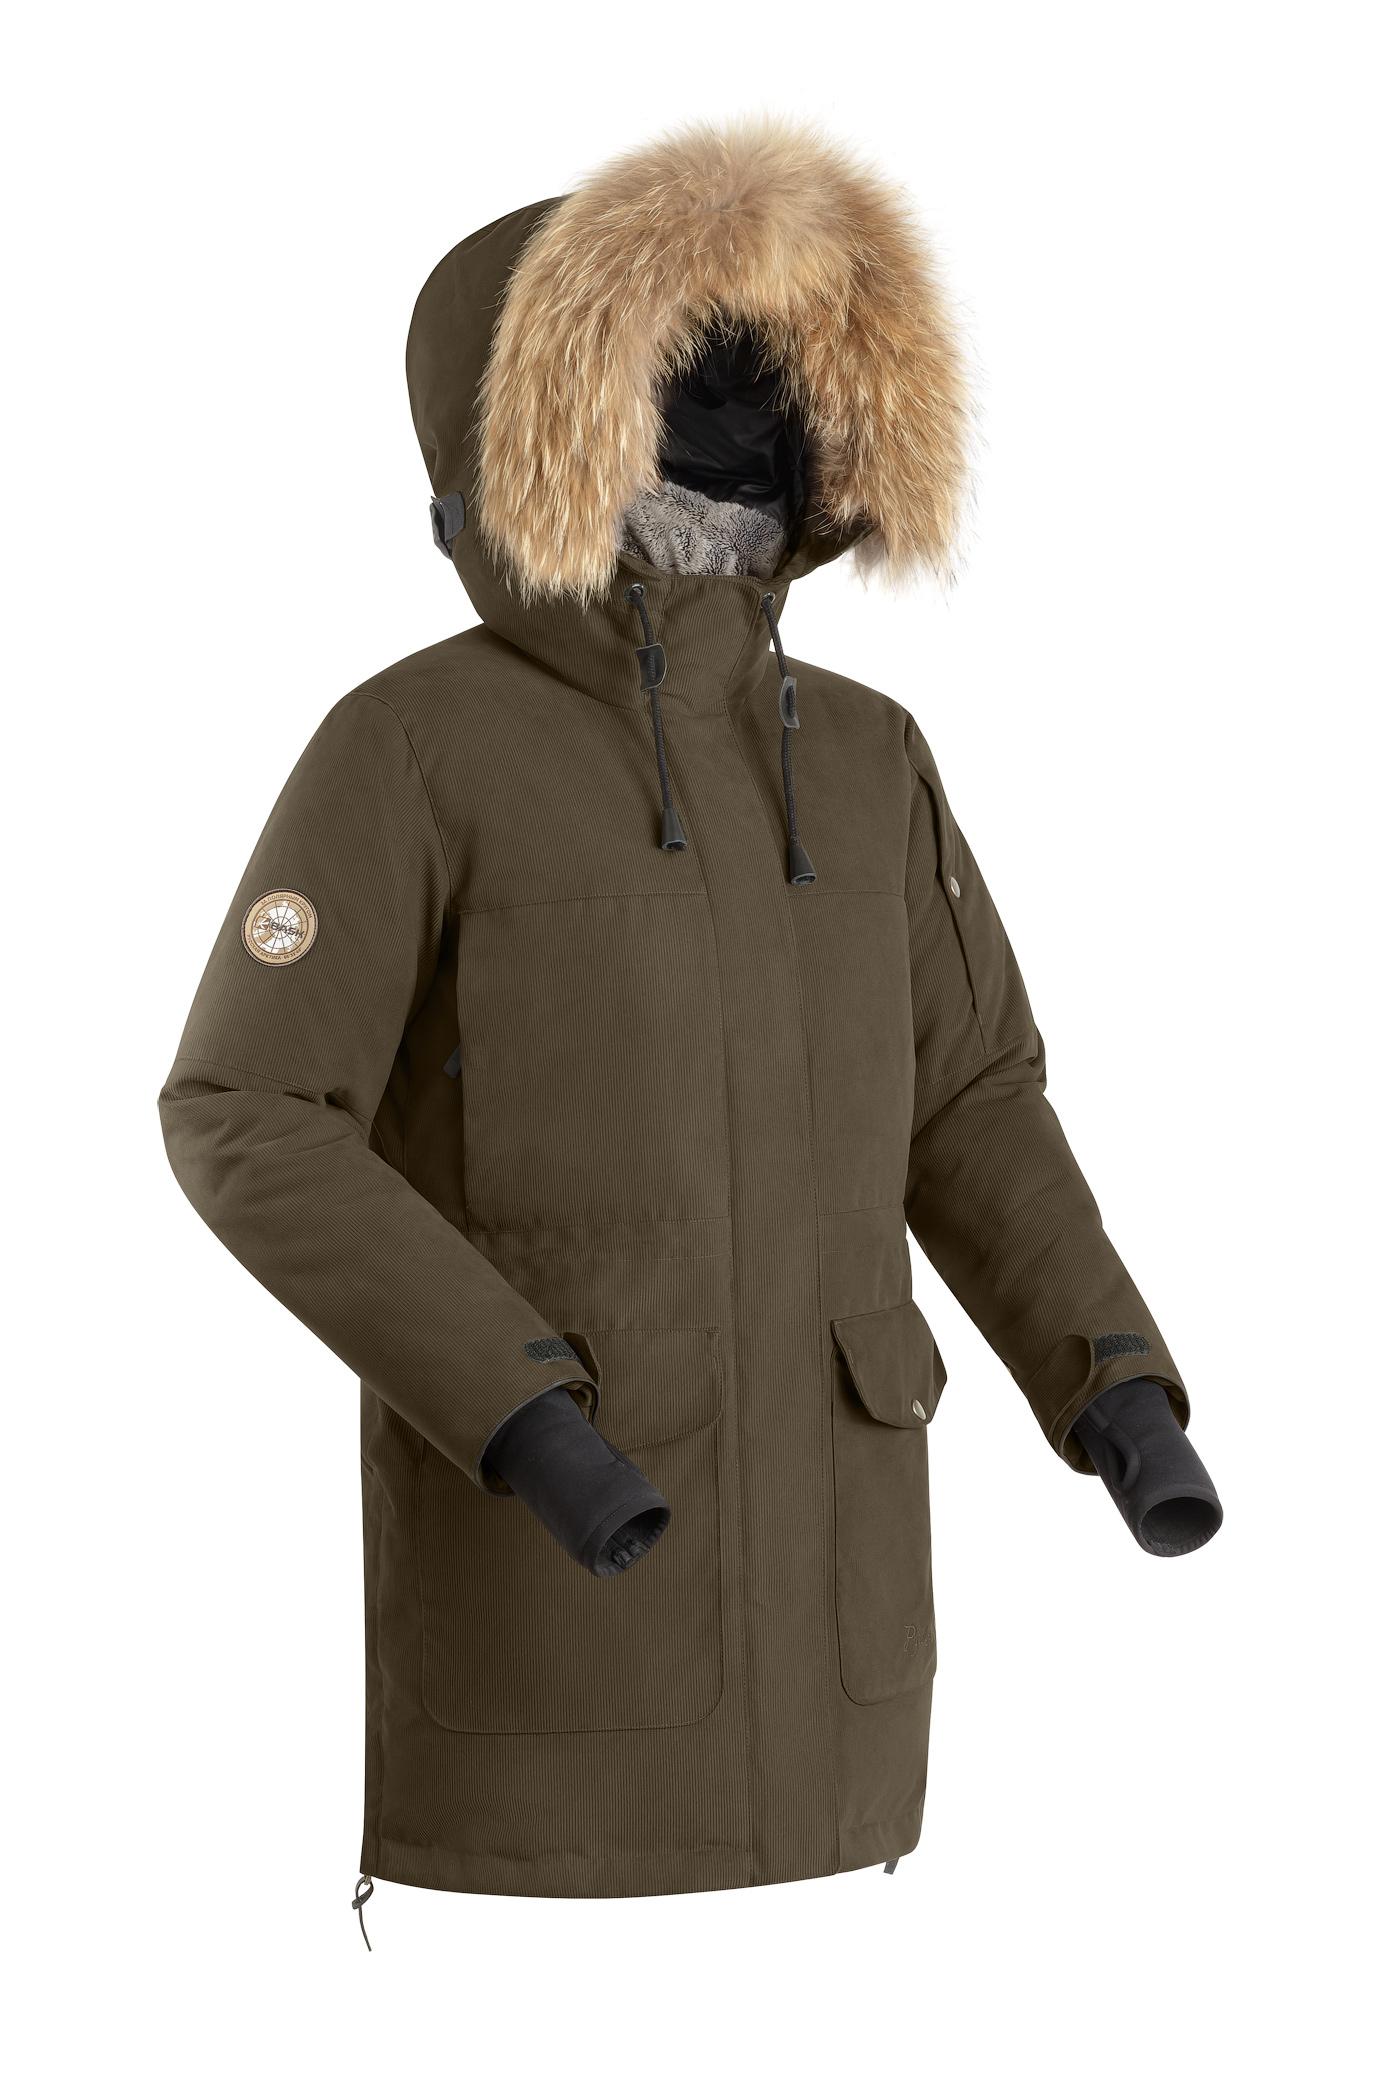 Купить Куртка пуховая женская BASK IREMEL V2 ХАКИ, Компания БАСК